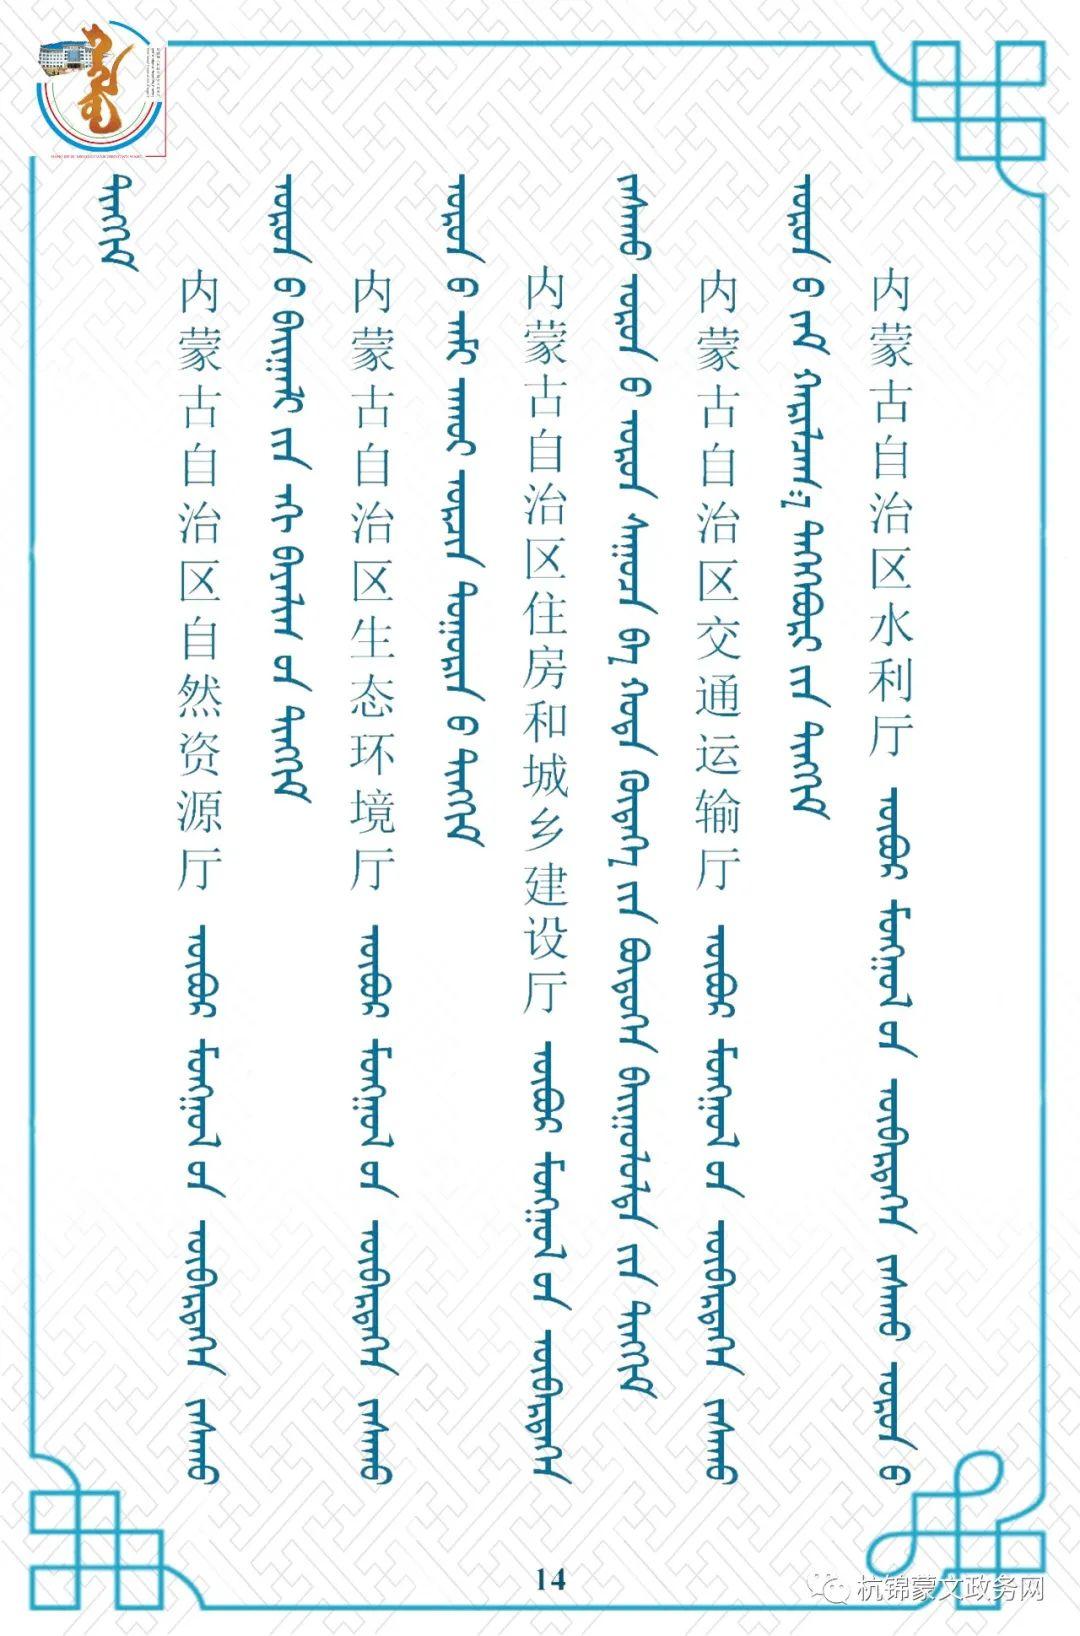 内蒙古自治区委员会机构设置蒙汉对照 第14张 内蒙古自治区委员会机构设置蒙汉对照 蒙古文库